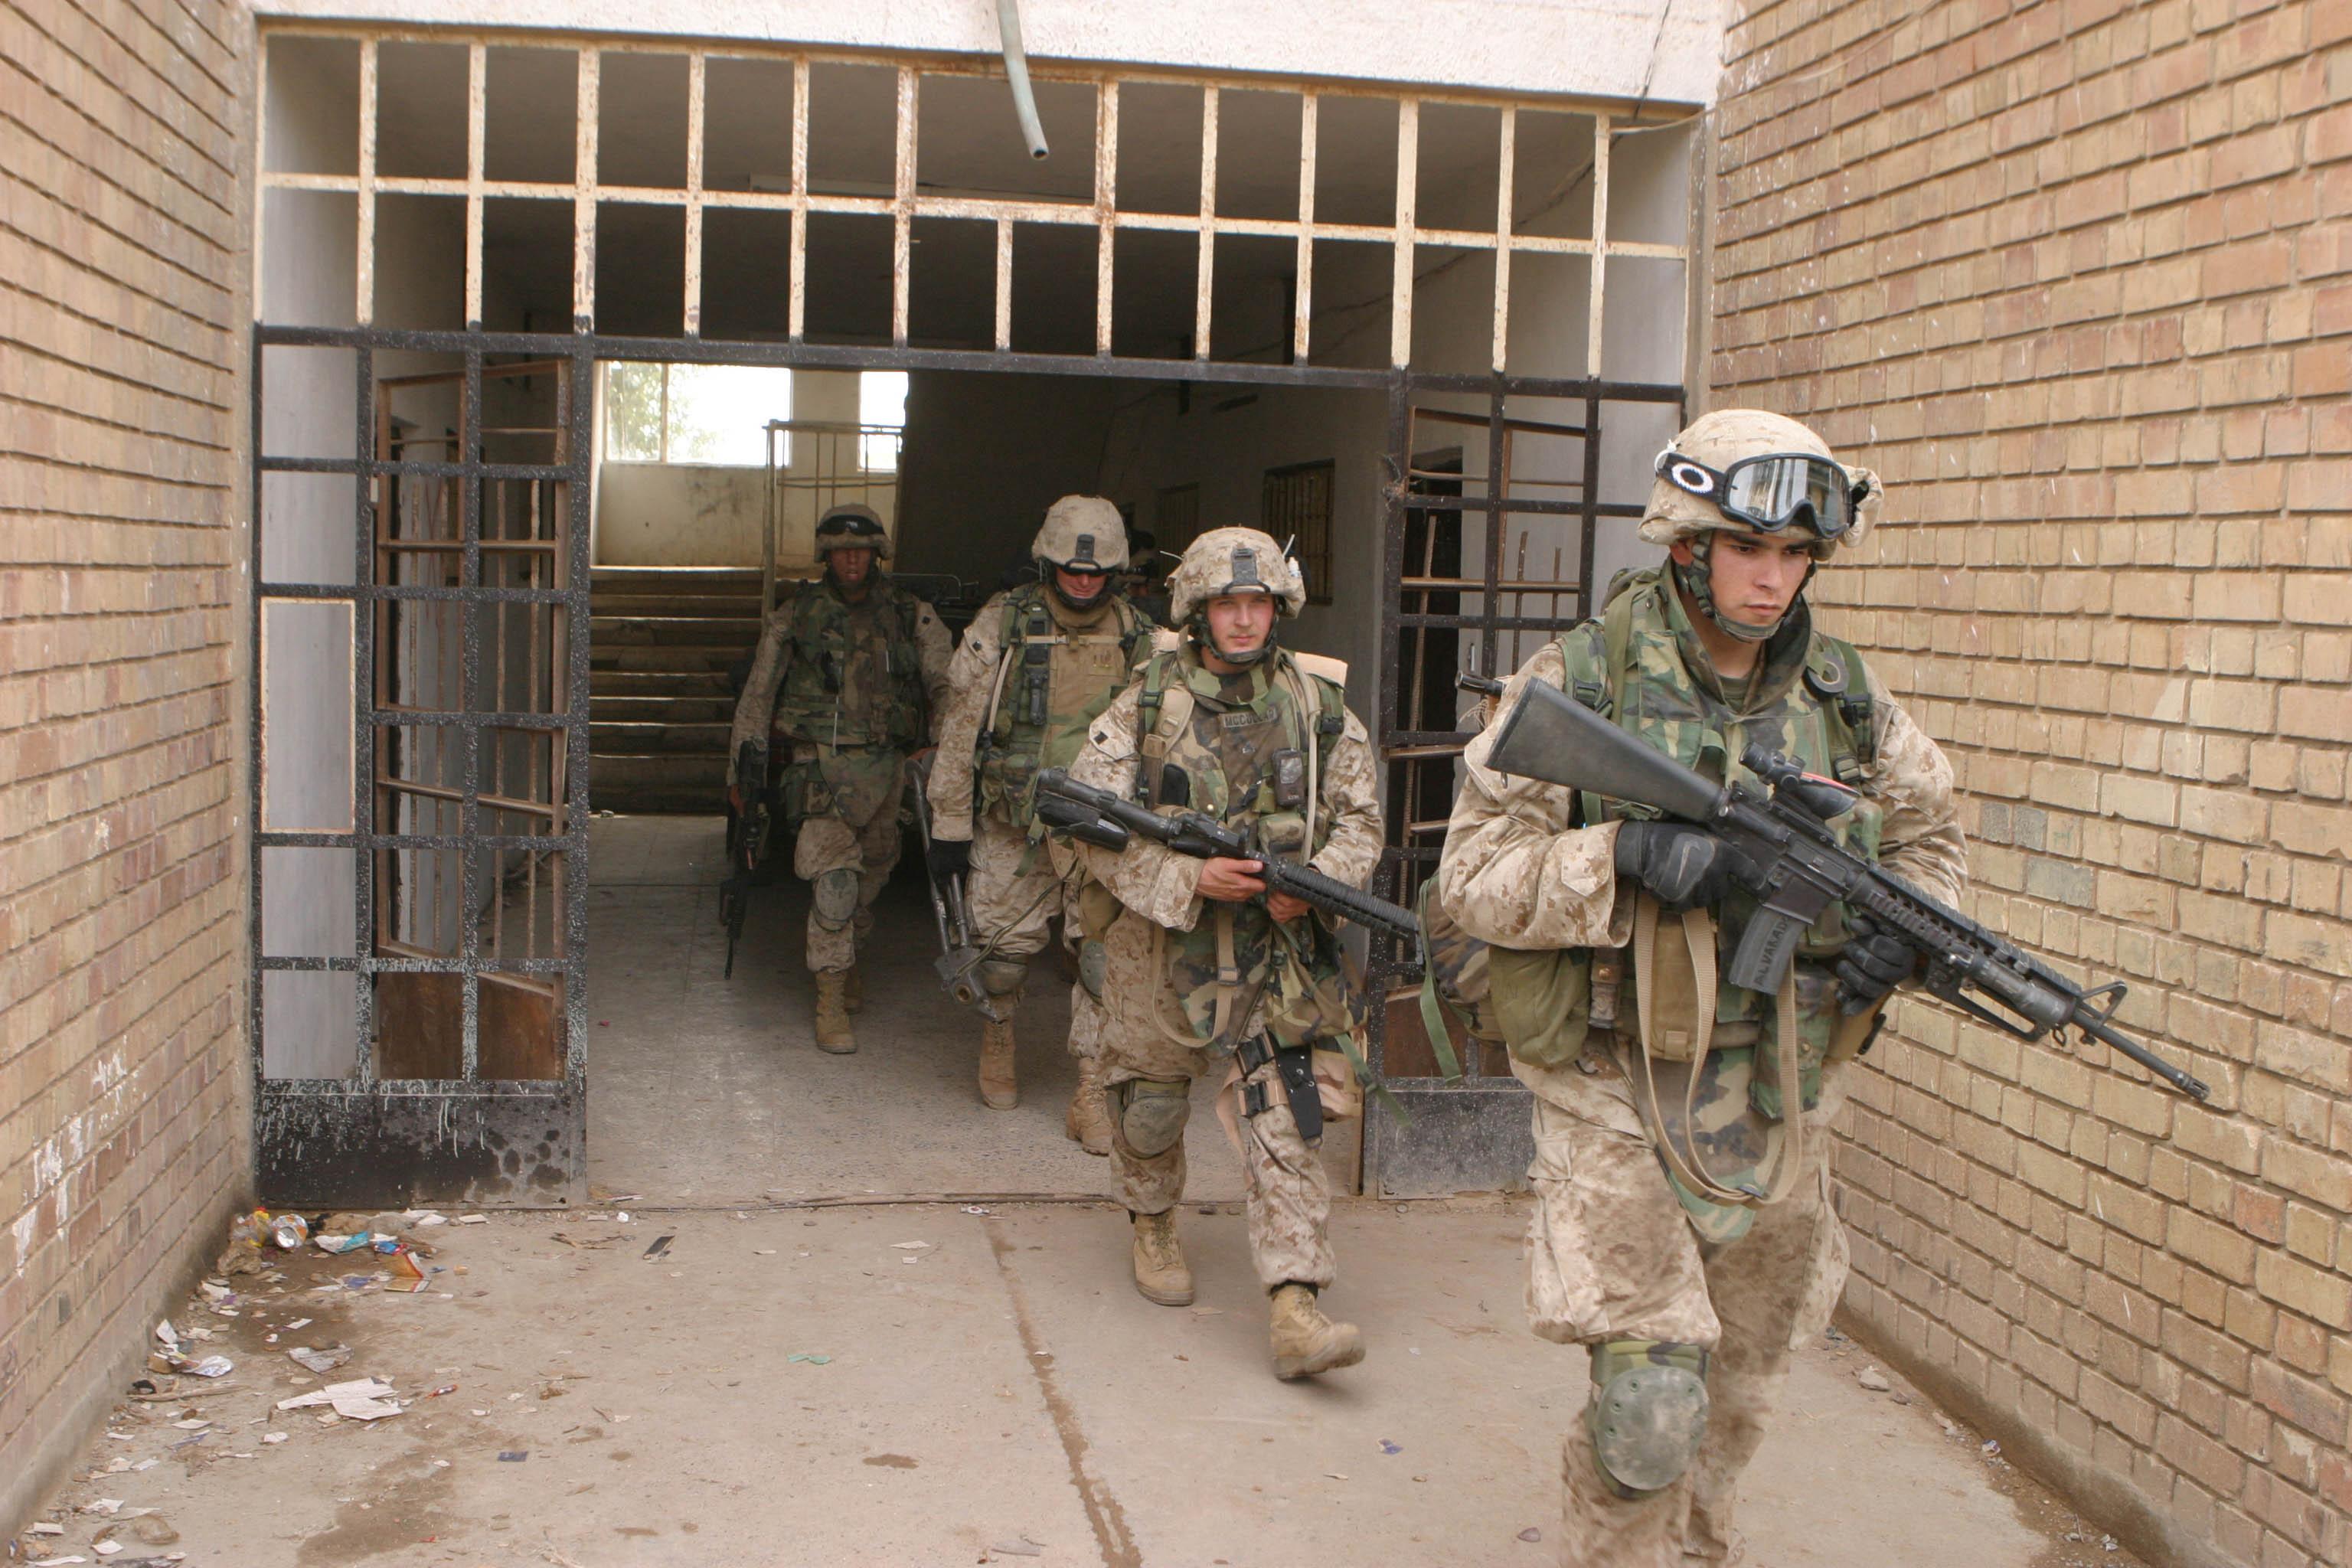 https://upload.wikimedia.org/wikipedia/commons/b/b4/Defense.gov_News_Photo_041108-M-8205V-003.jpg